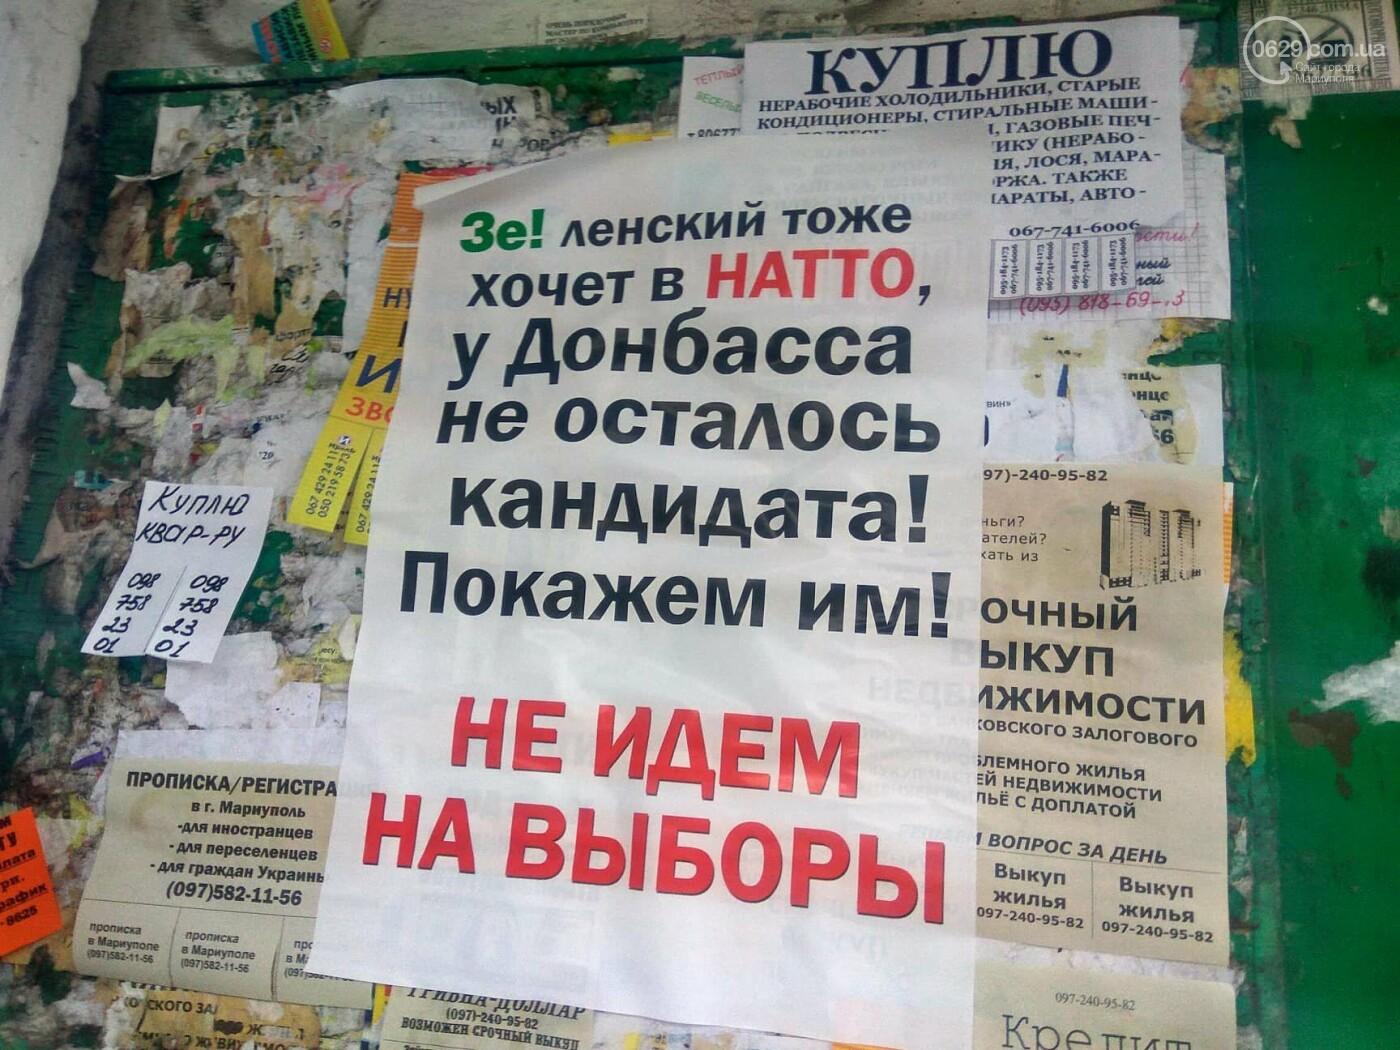 В Мариуполе неизвестные расклеивают листовки с призывом не идти на выборы, - ФОТОФАКТ, фото-1